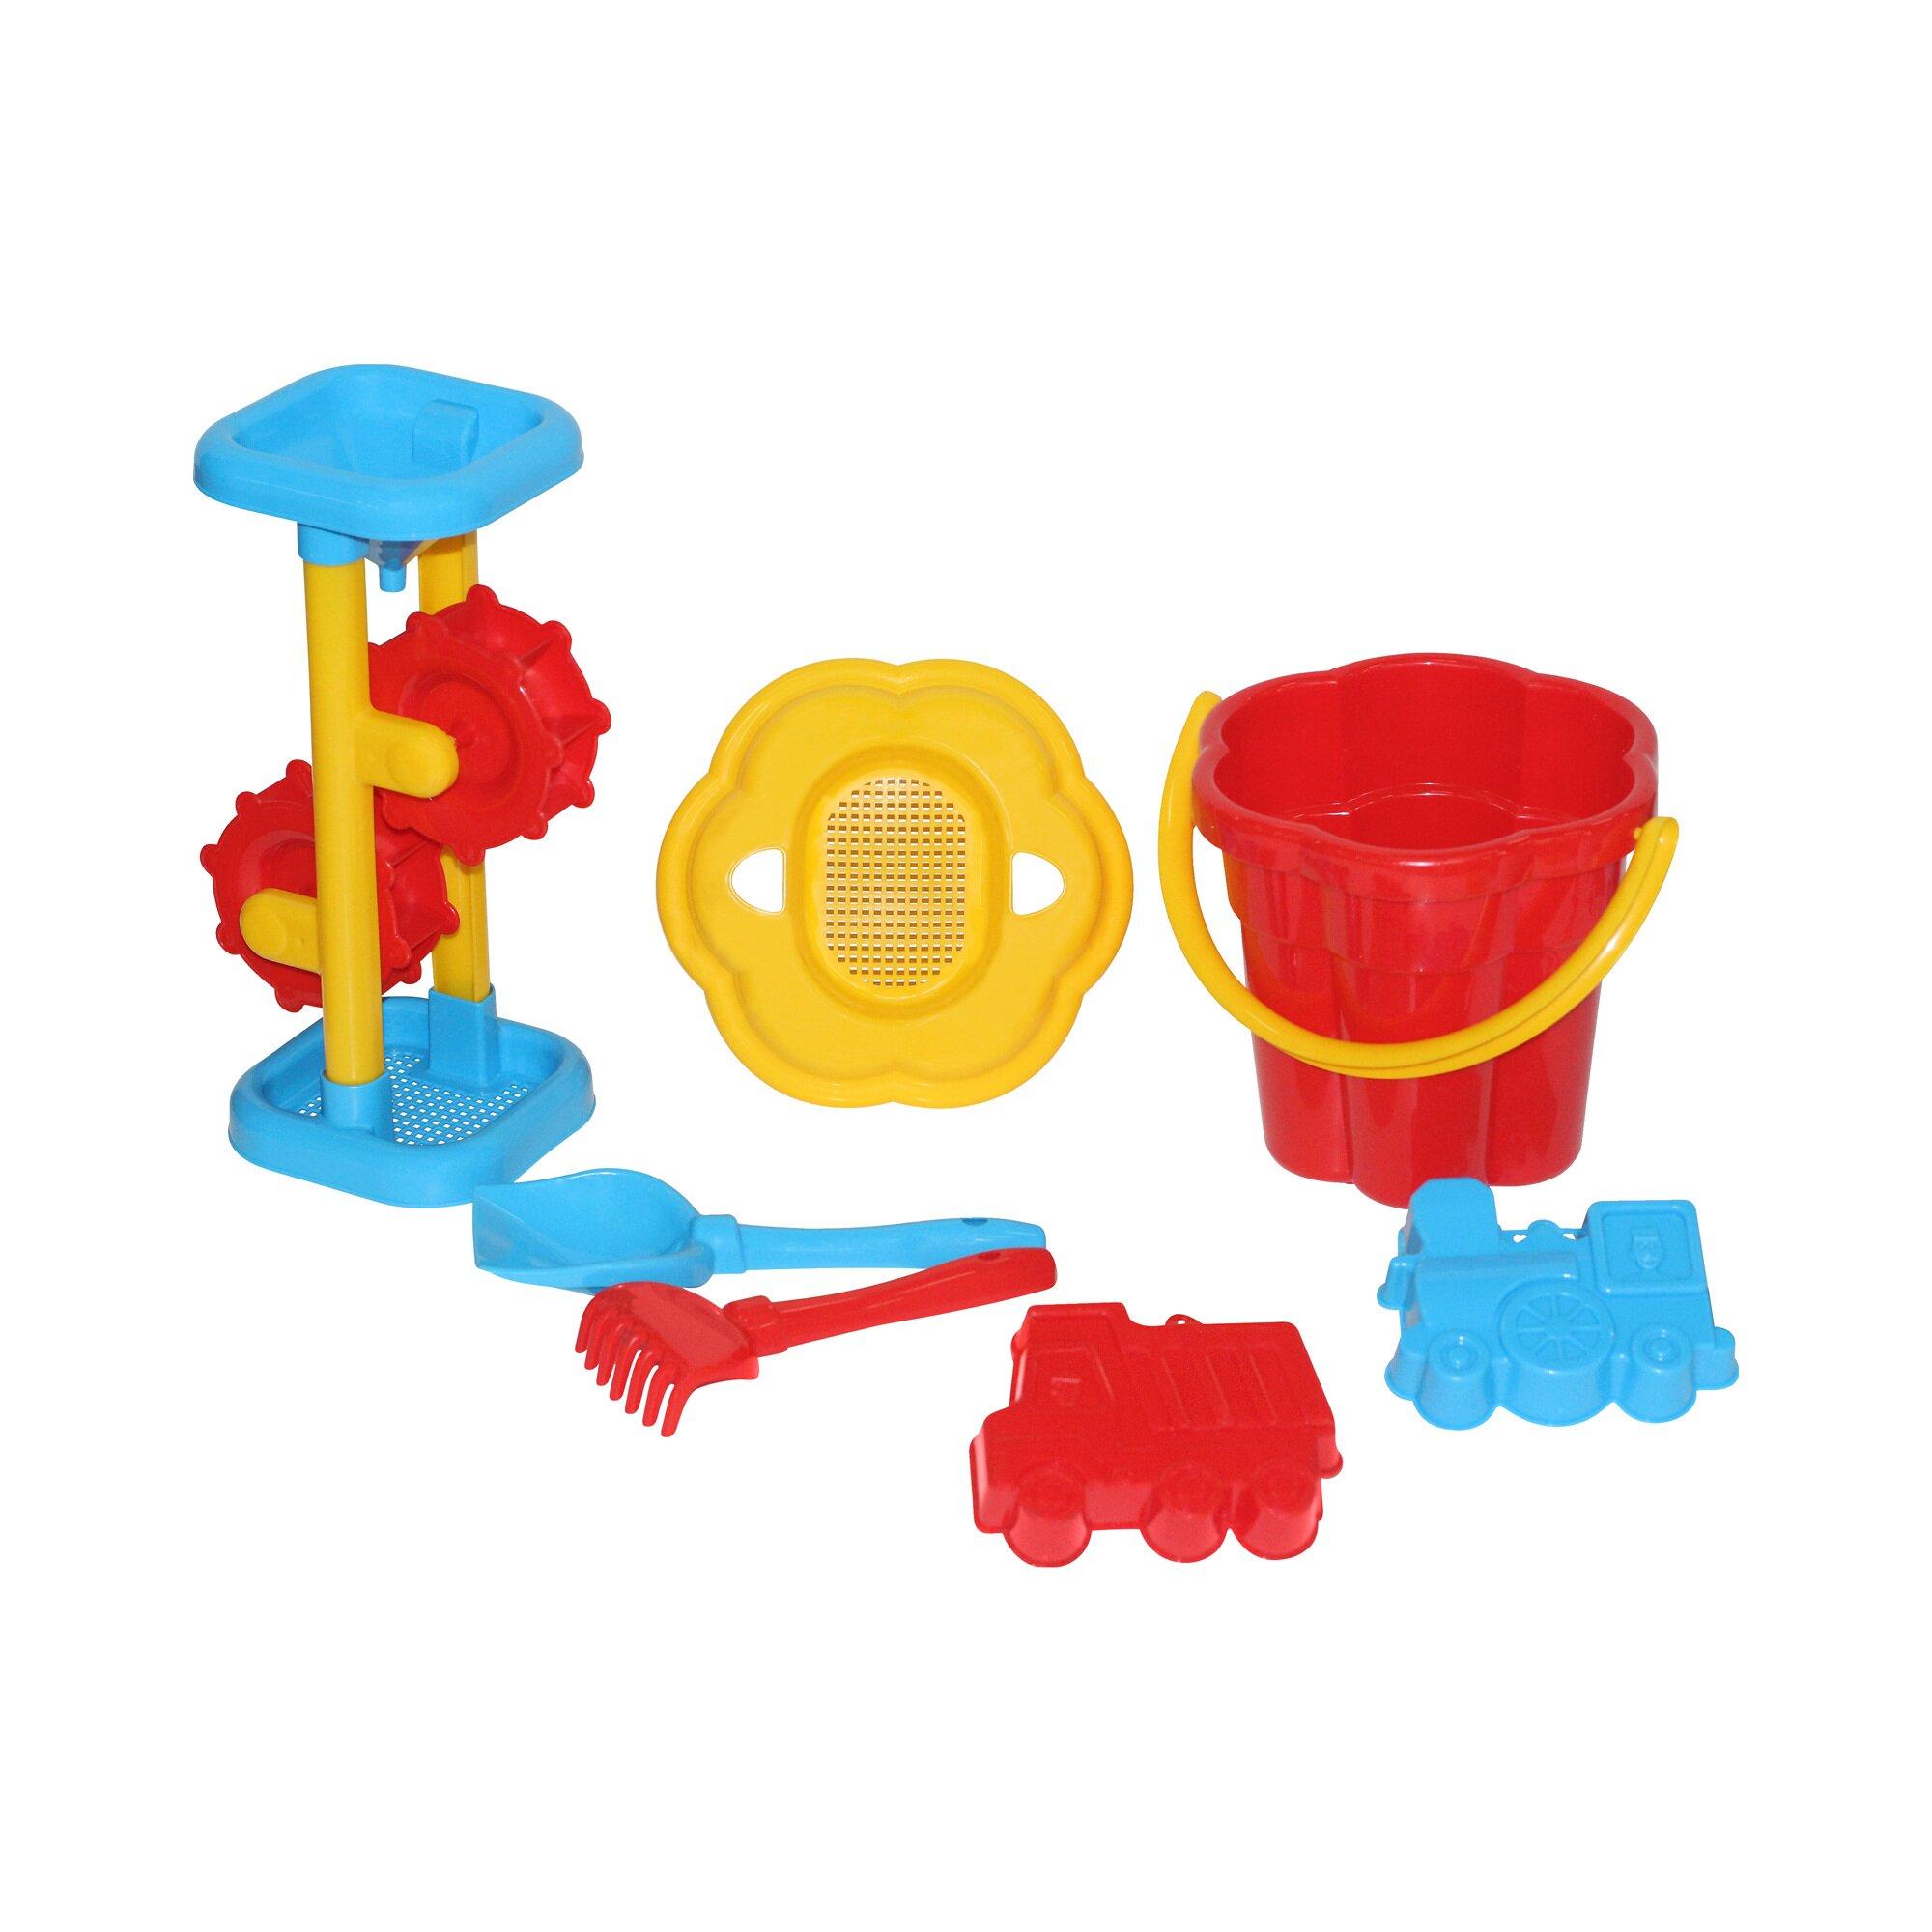 solini-sandspielzeug-mit-eimer-und-sandmuhle